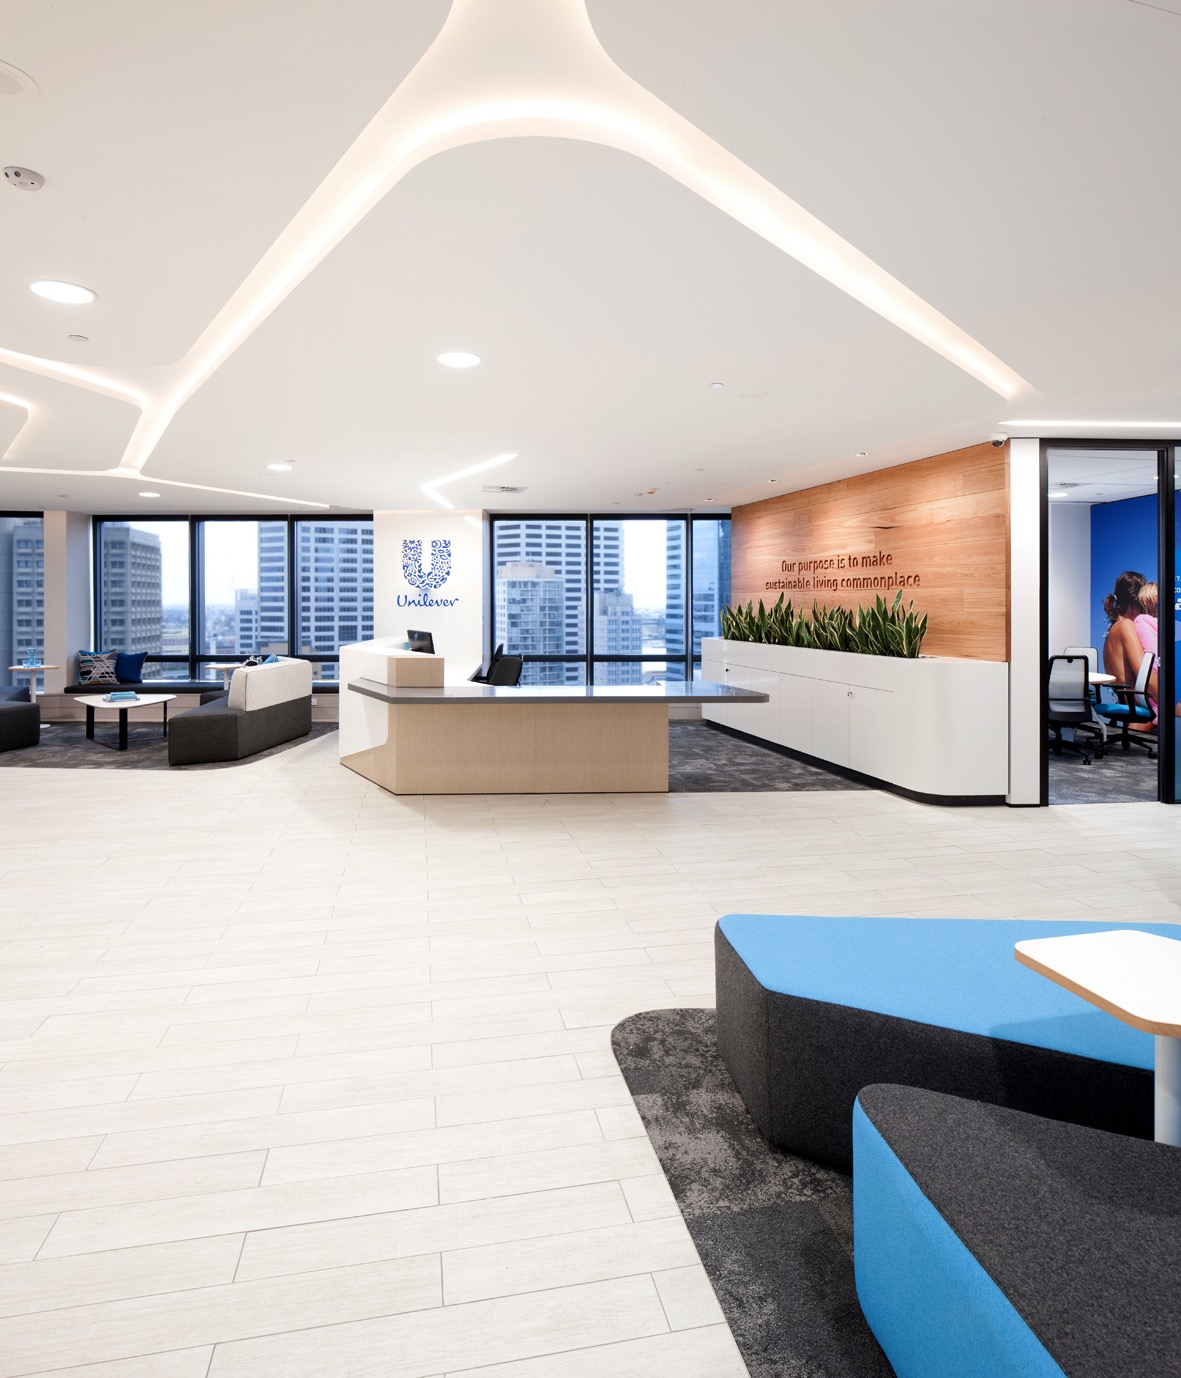 unilever office. Lobby Unilever Office